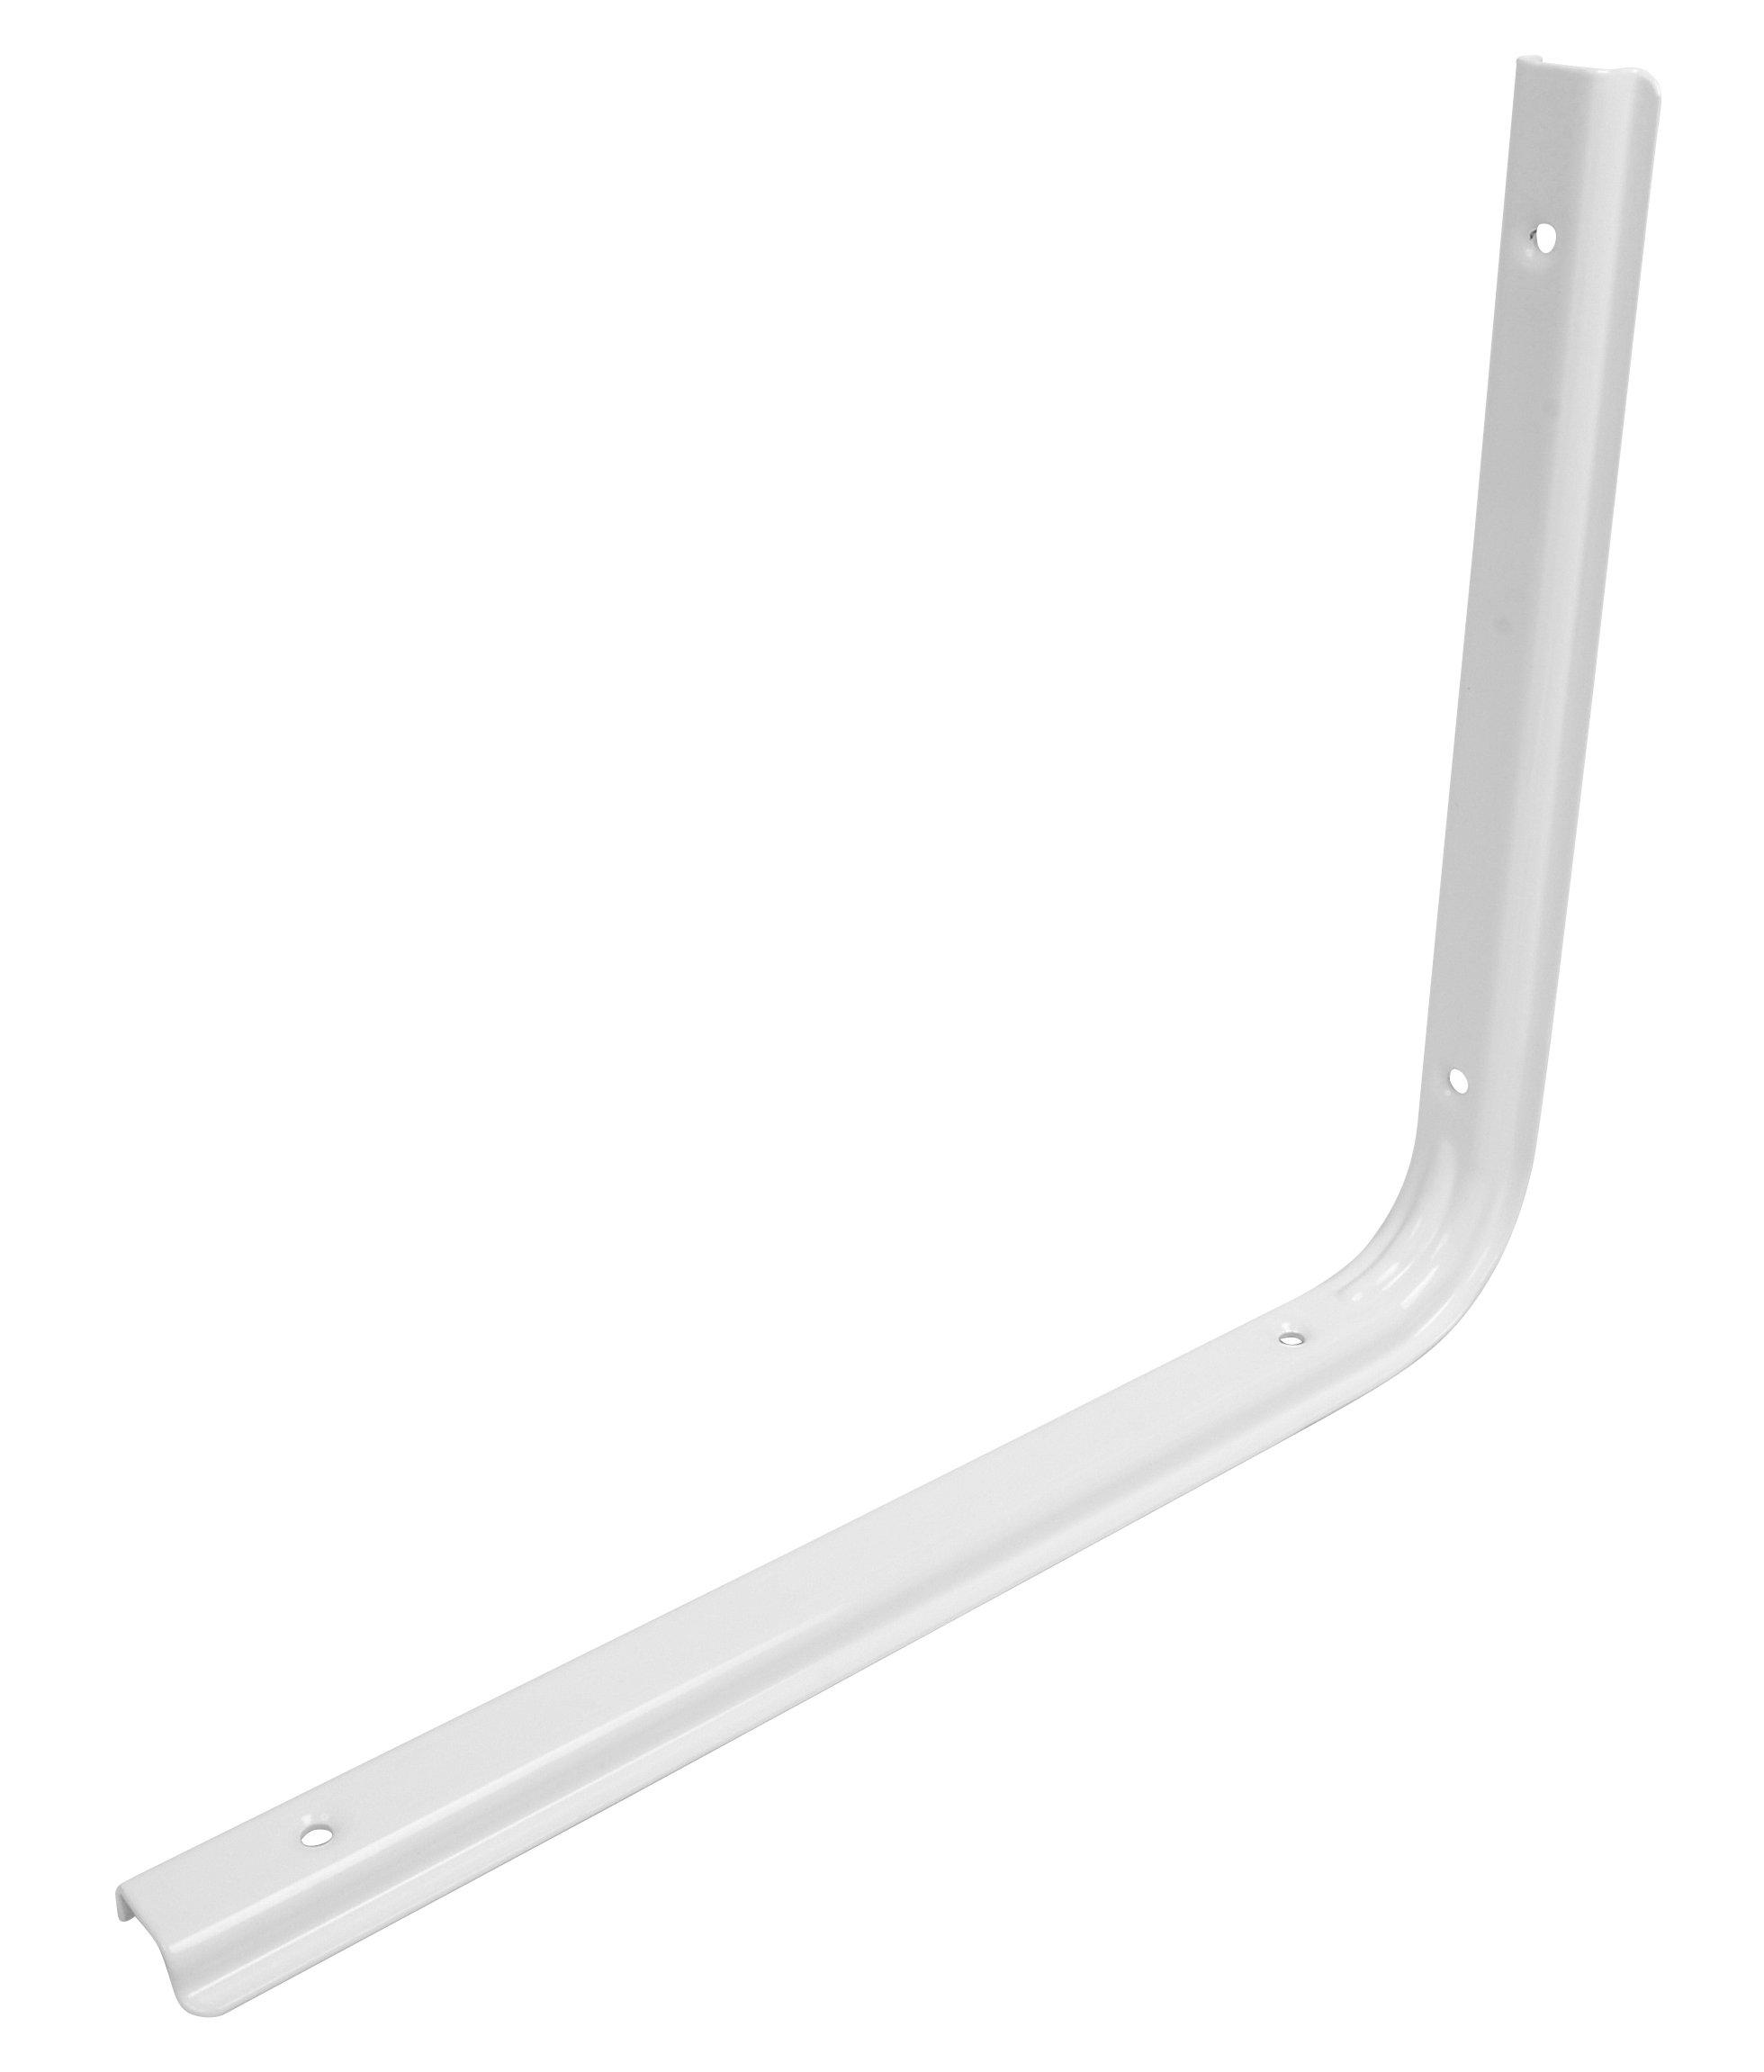 Hyldeknægt U-profil 250x300 mm. - hvid